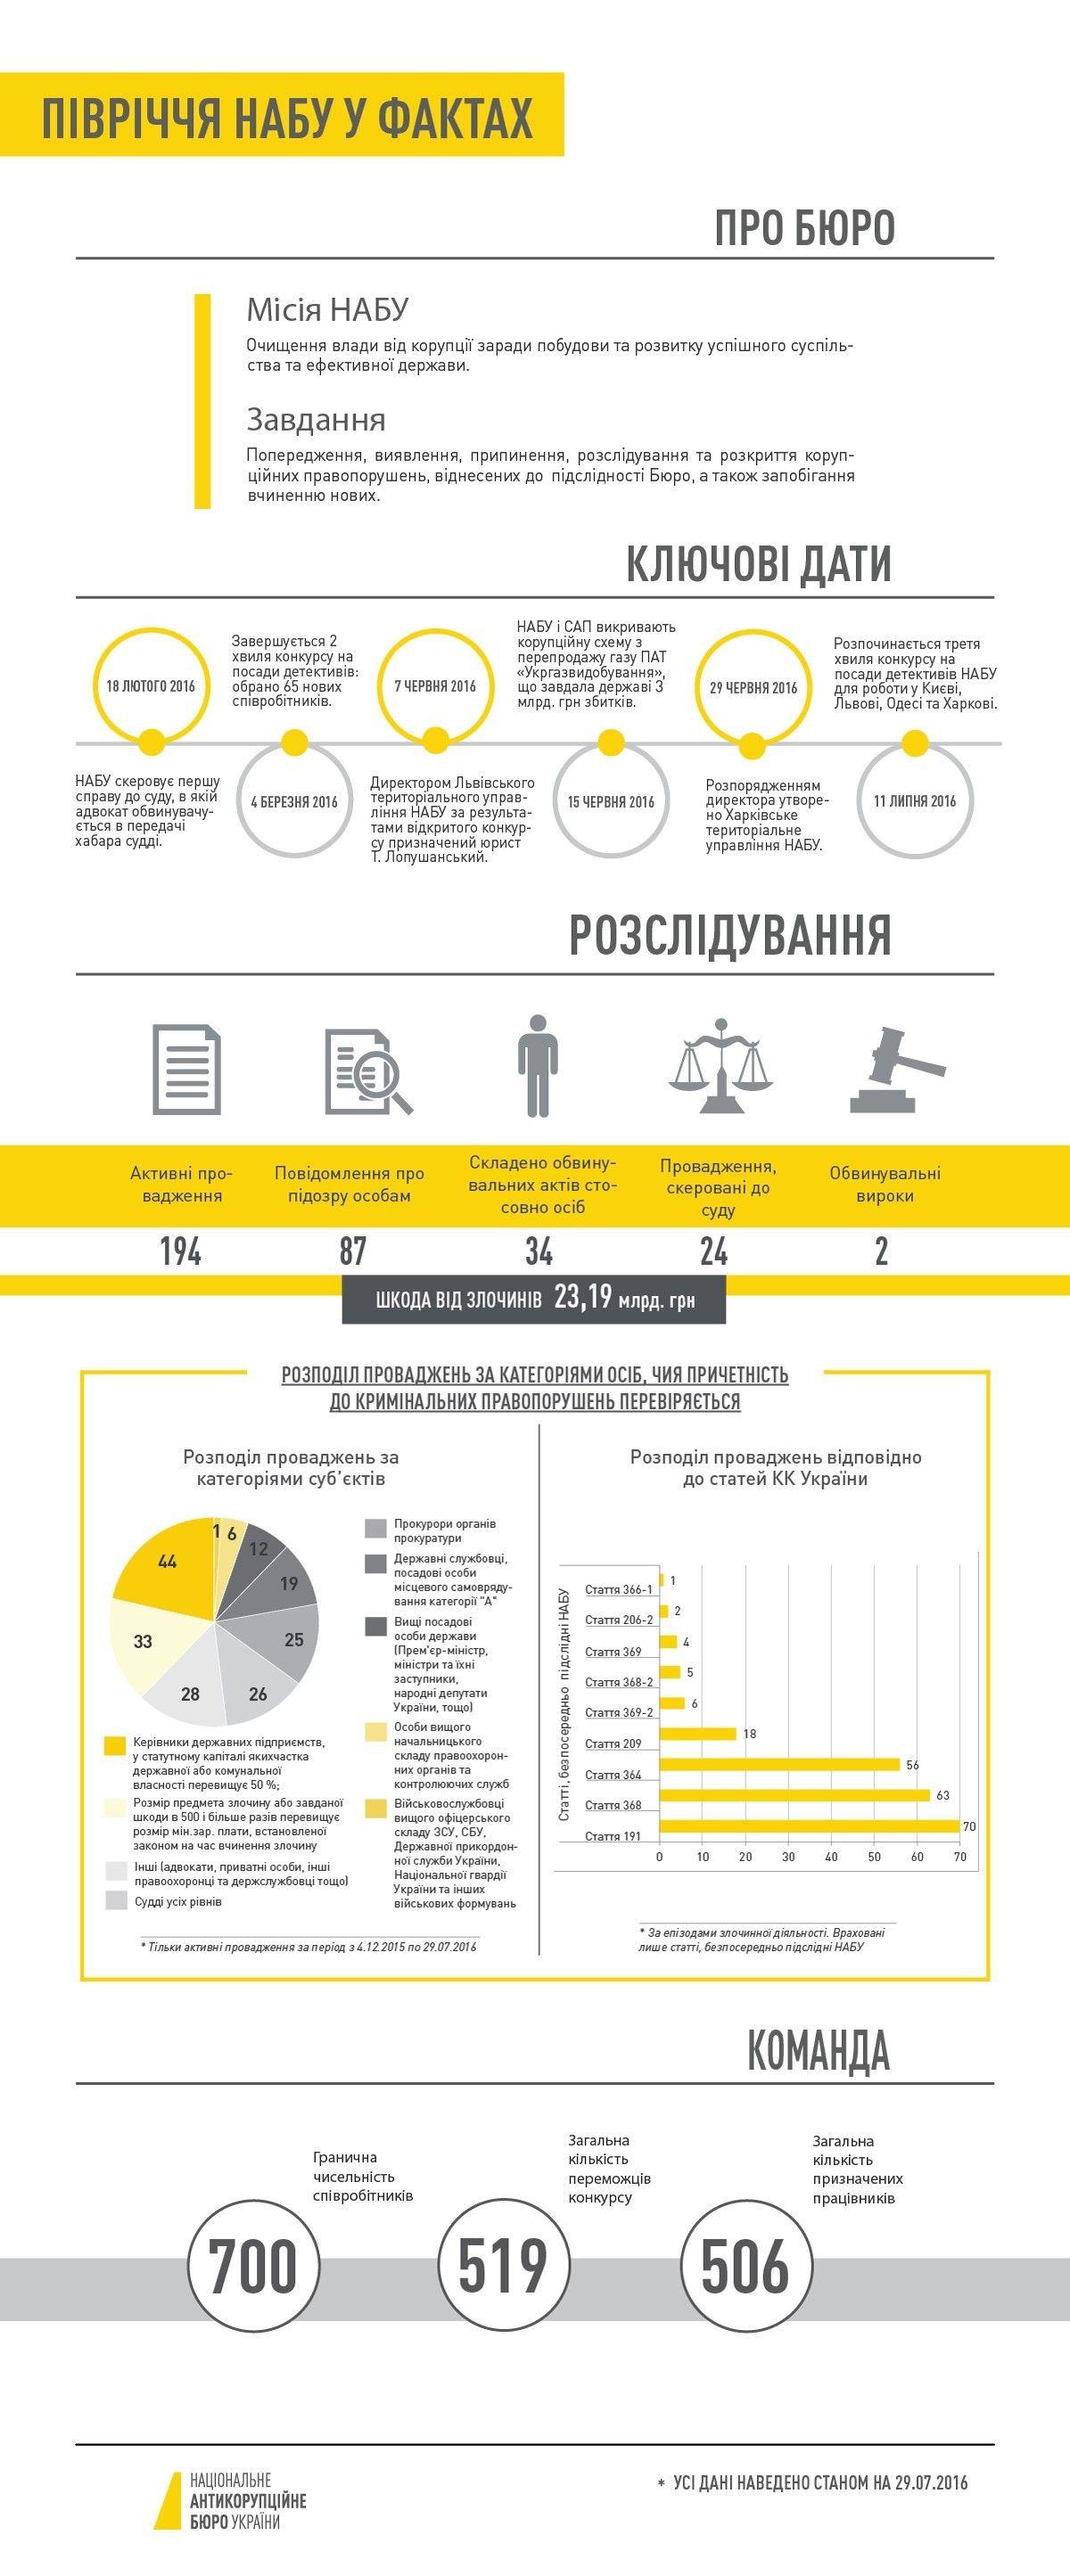 Результати роботи НАБУ та САП за півроку. Інфографіка